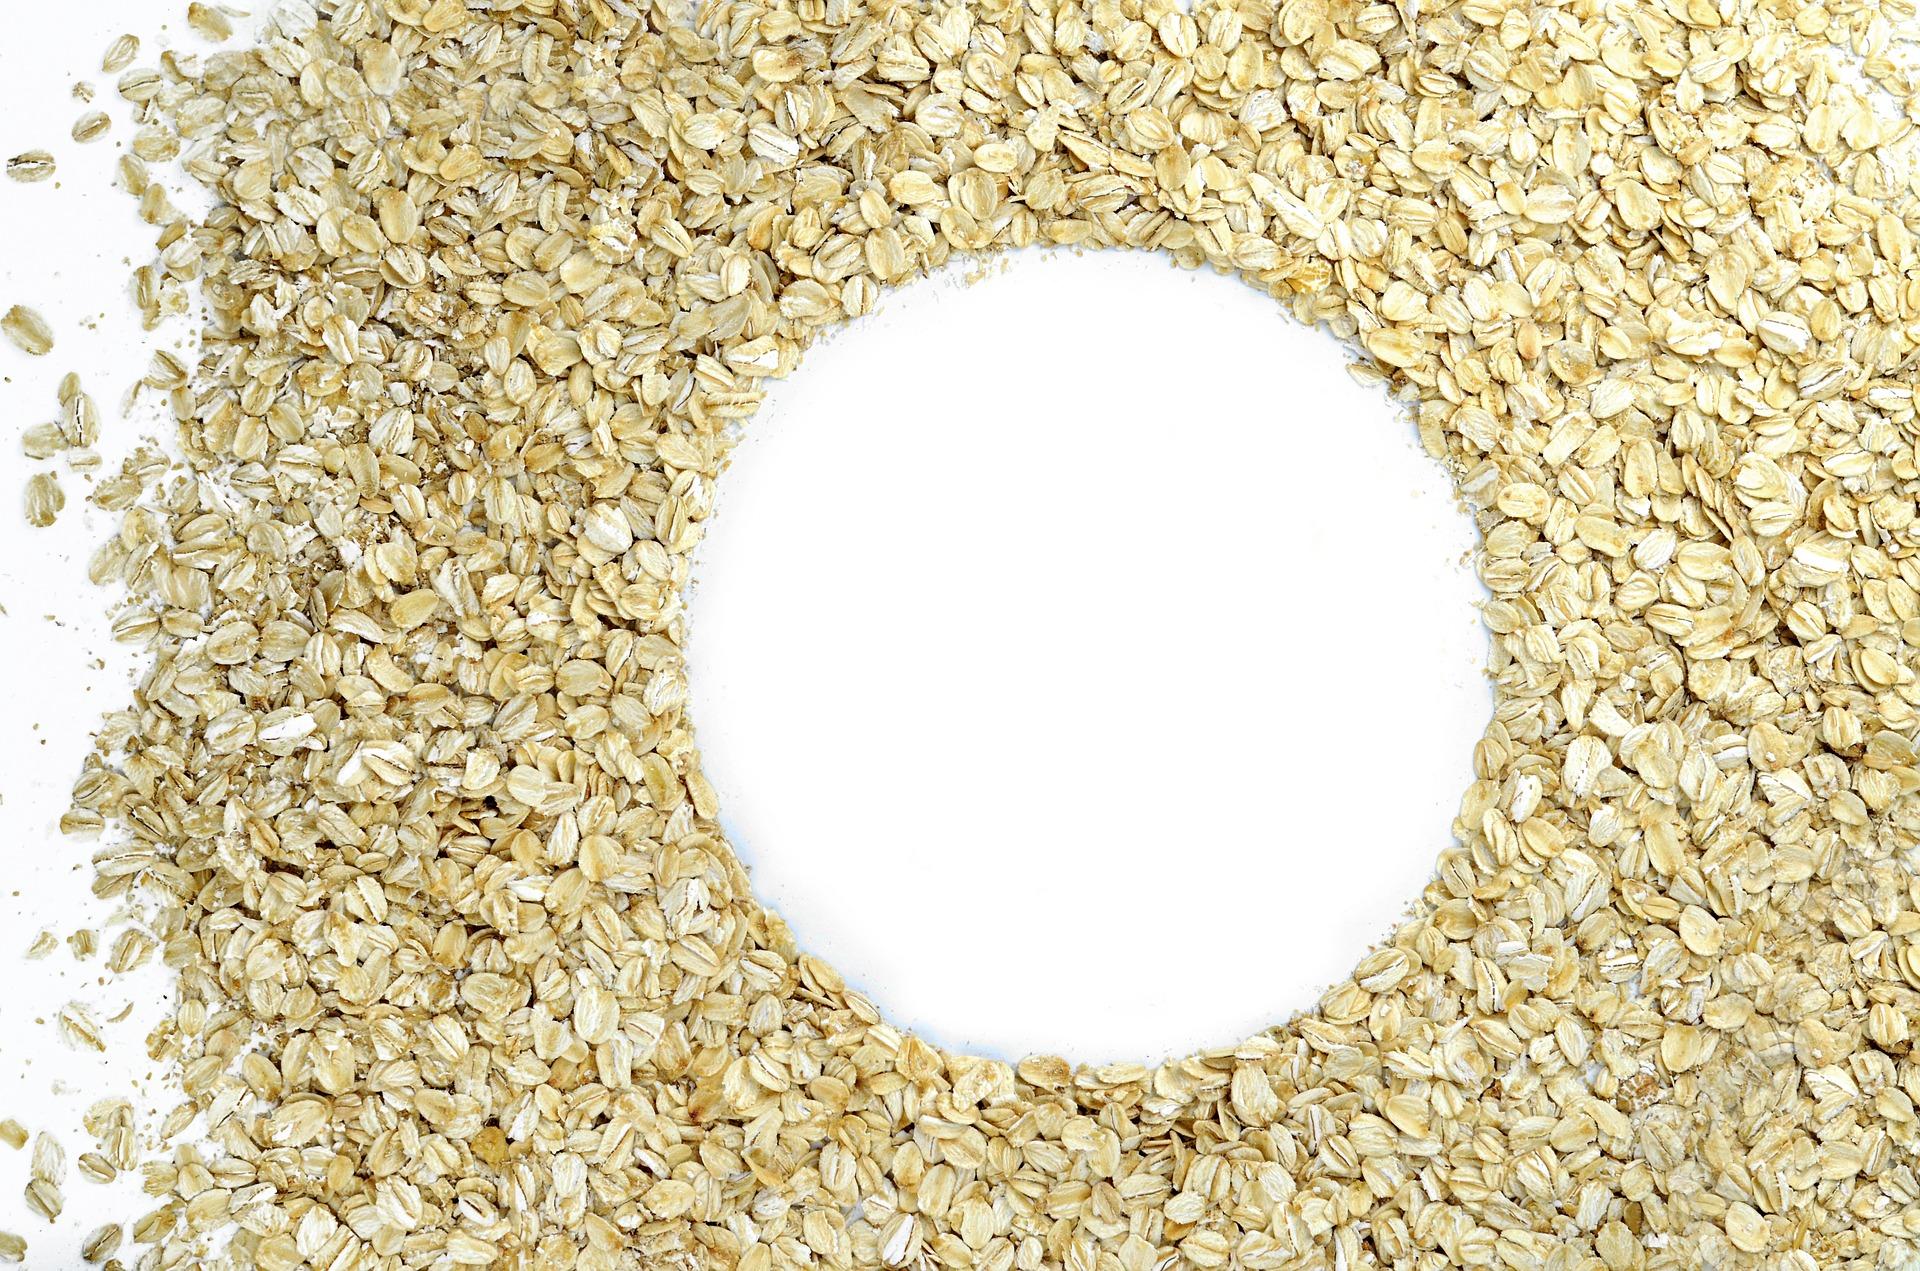 oat-3445687_1920